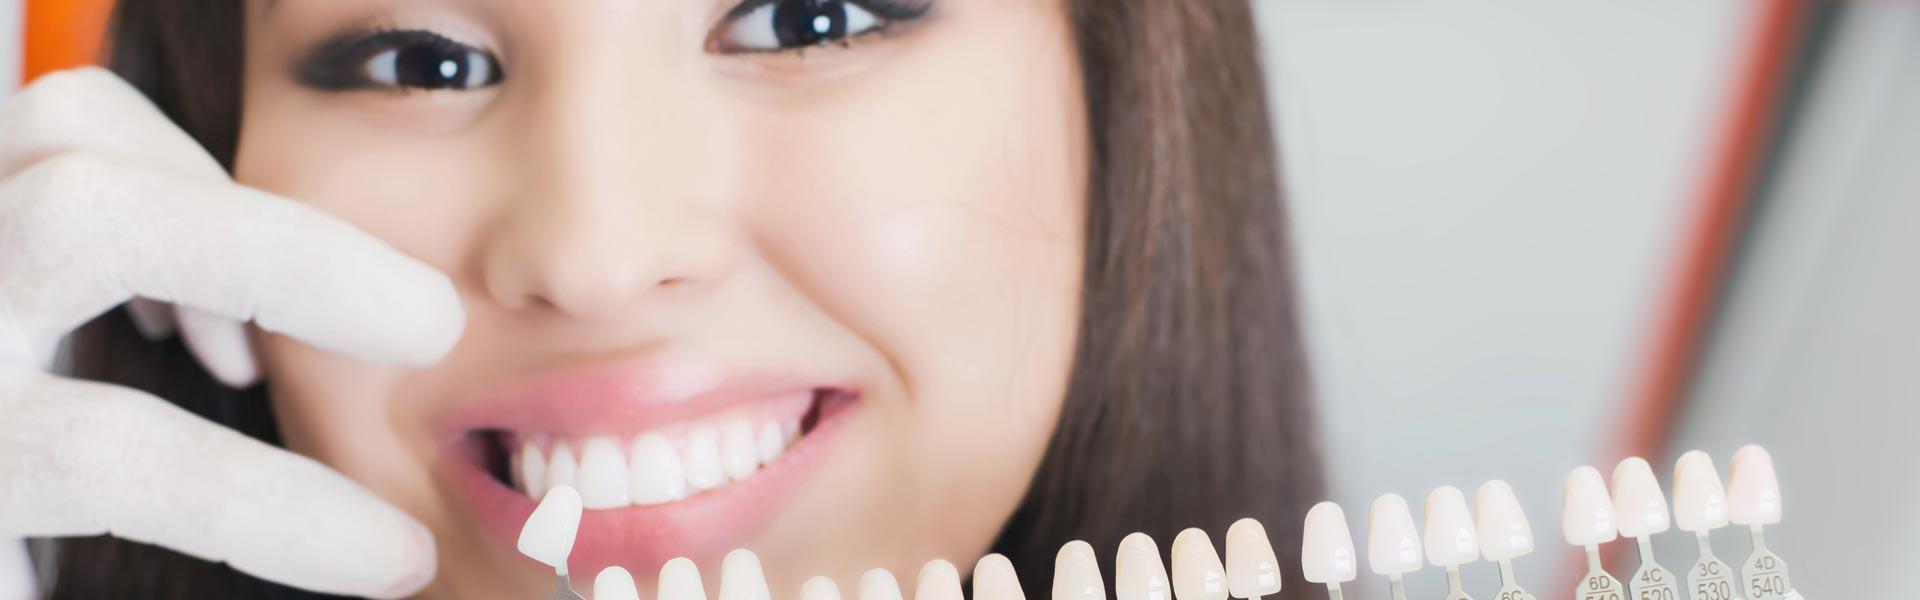 Dentist matching veneers